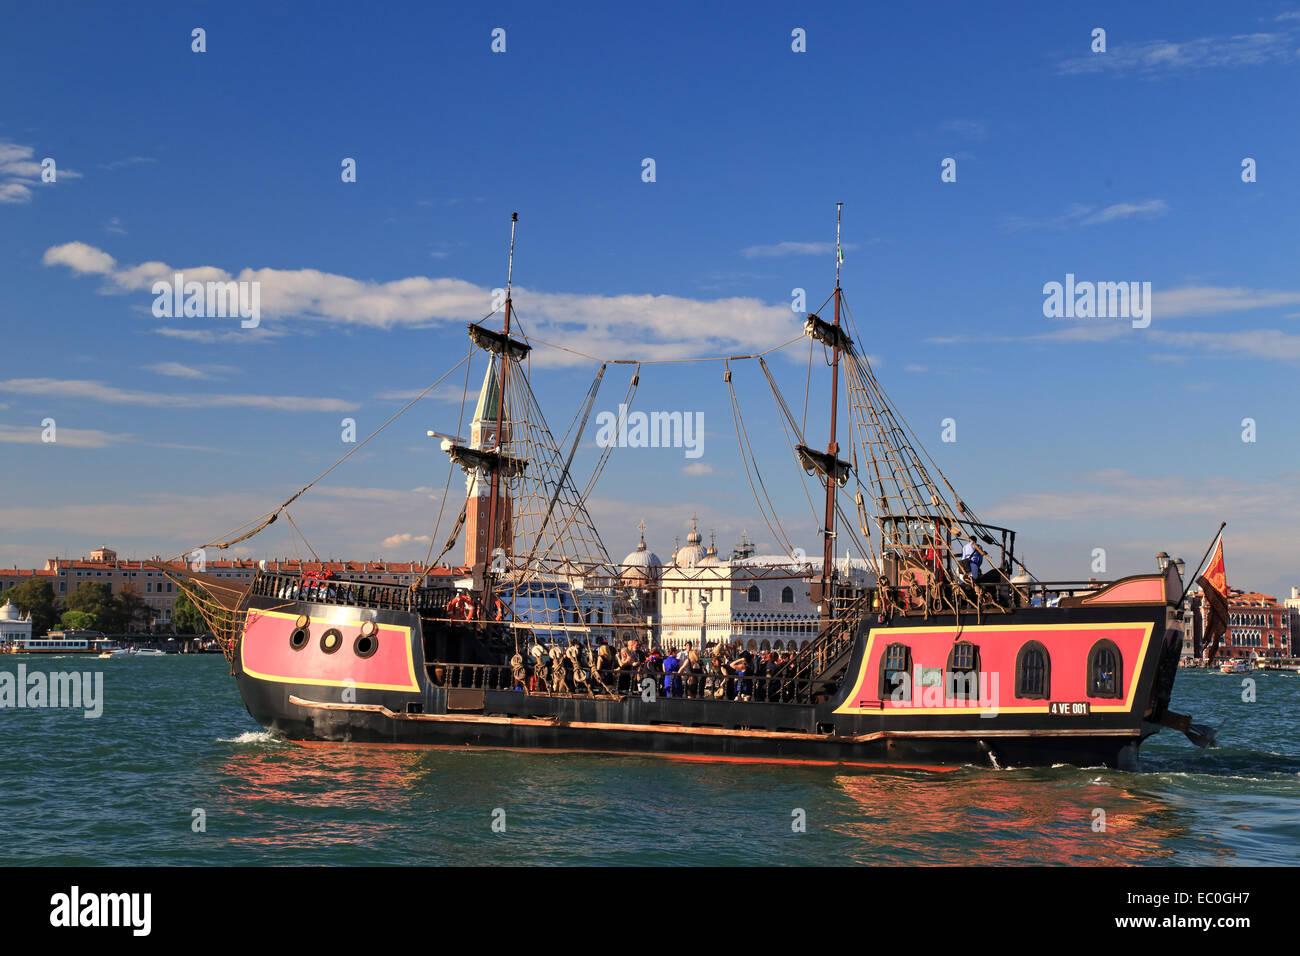 El barco pirata Jolly Roger - Il Galeone Veneziano / Galeón veneciano, Venecia Imagen De Stock